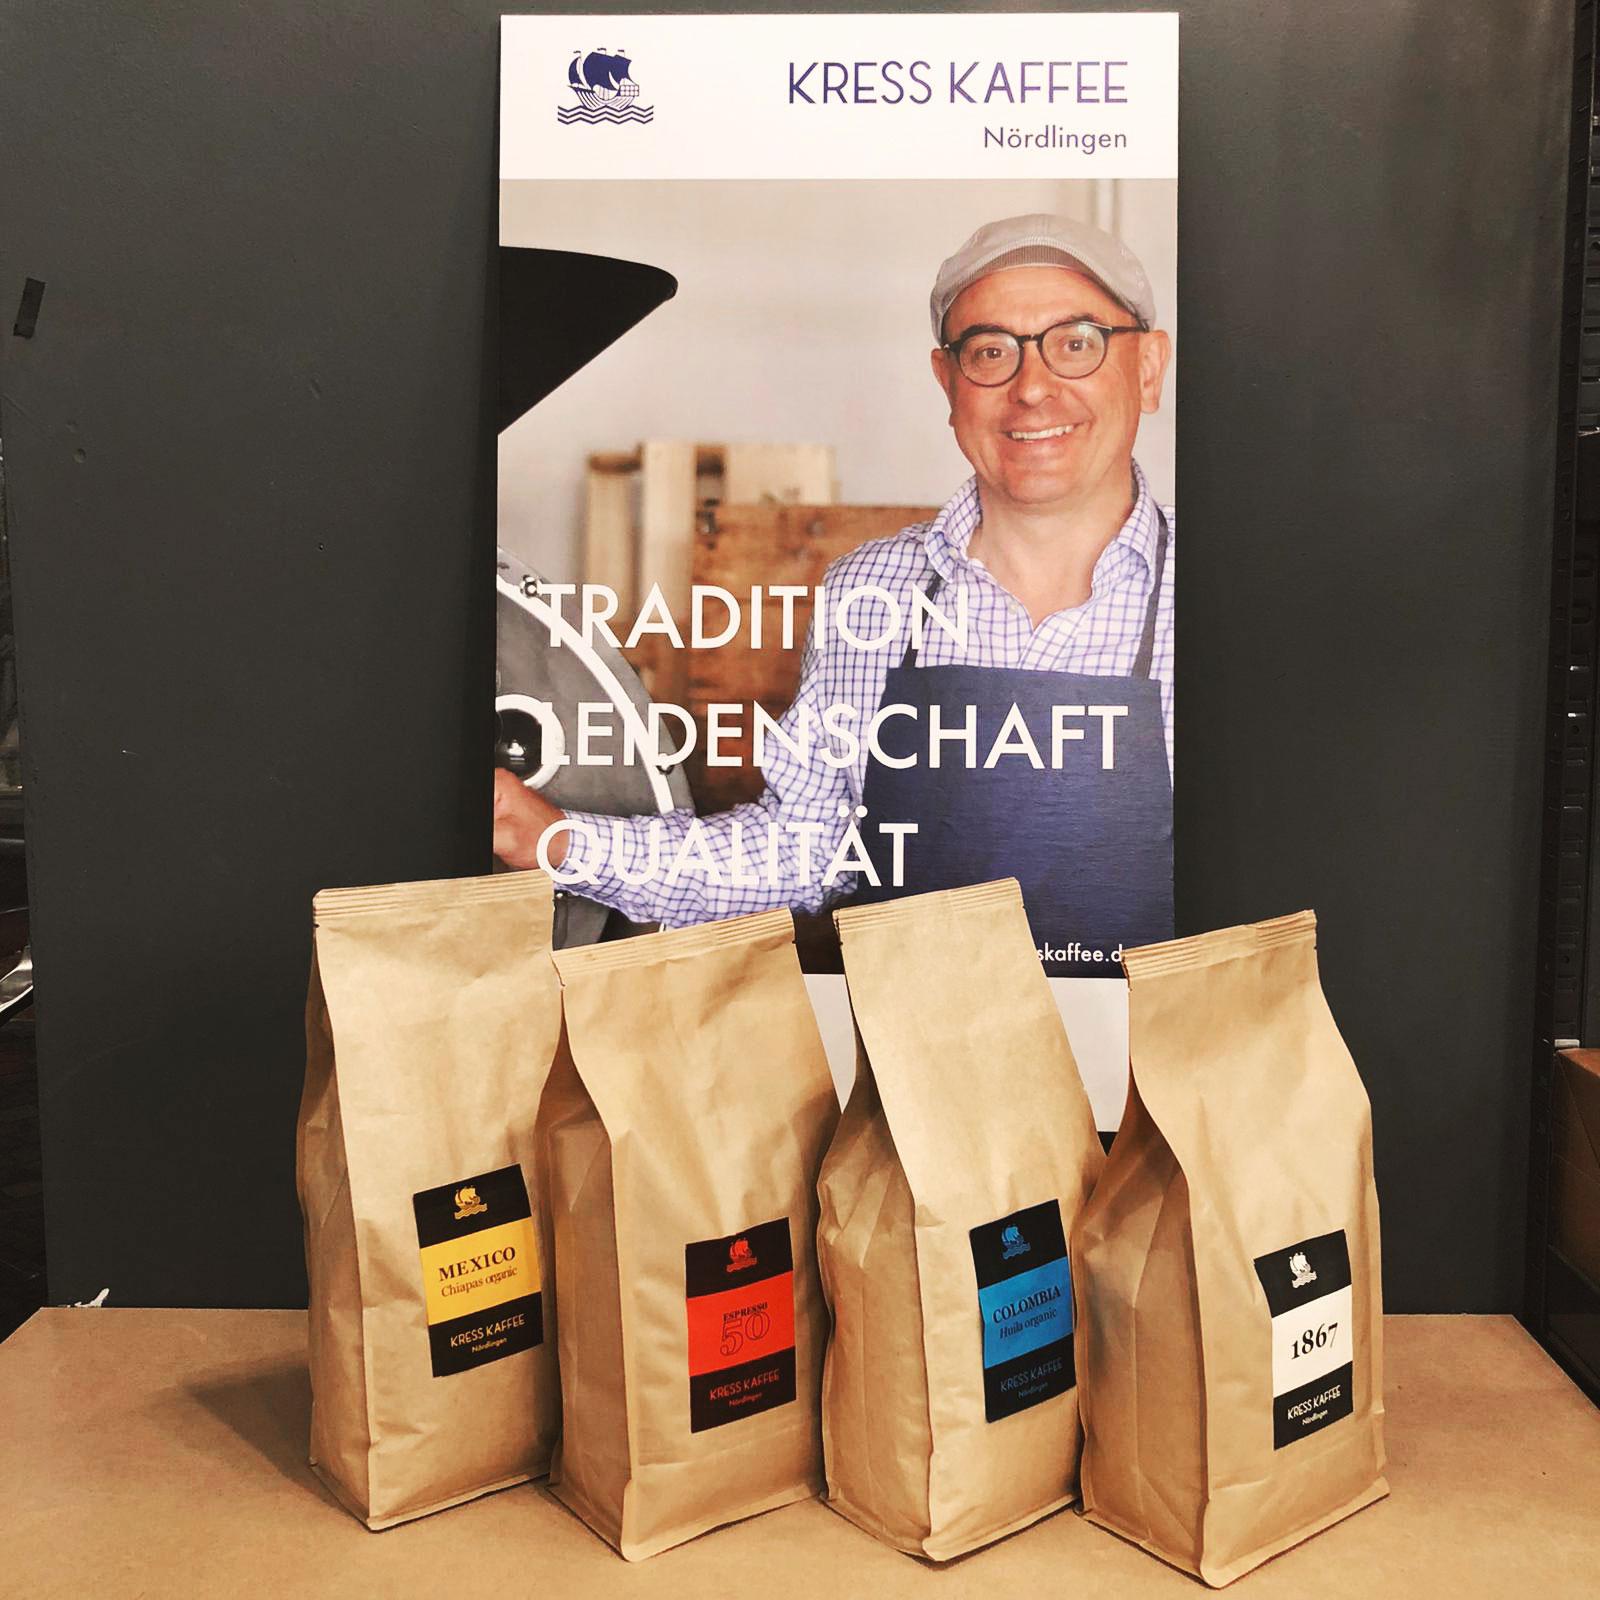 Kress X Kaffee